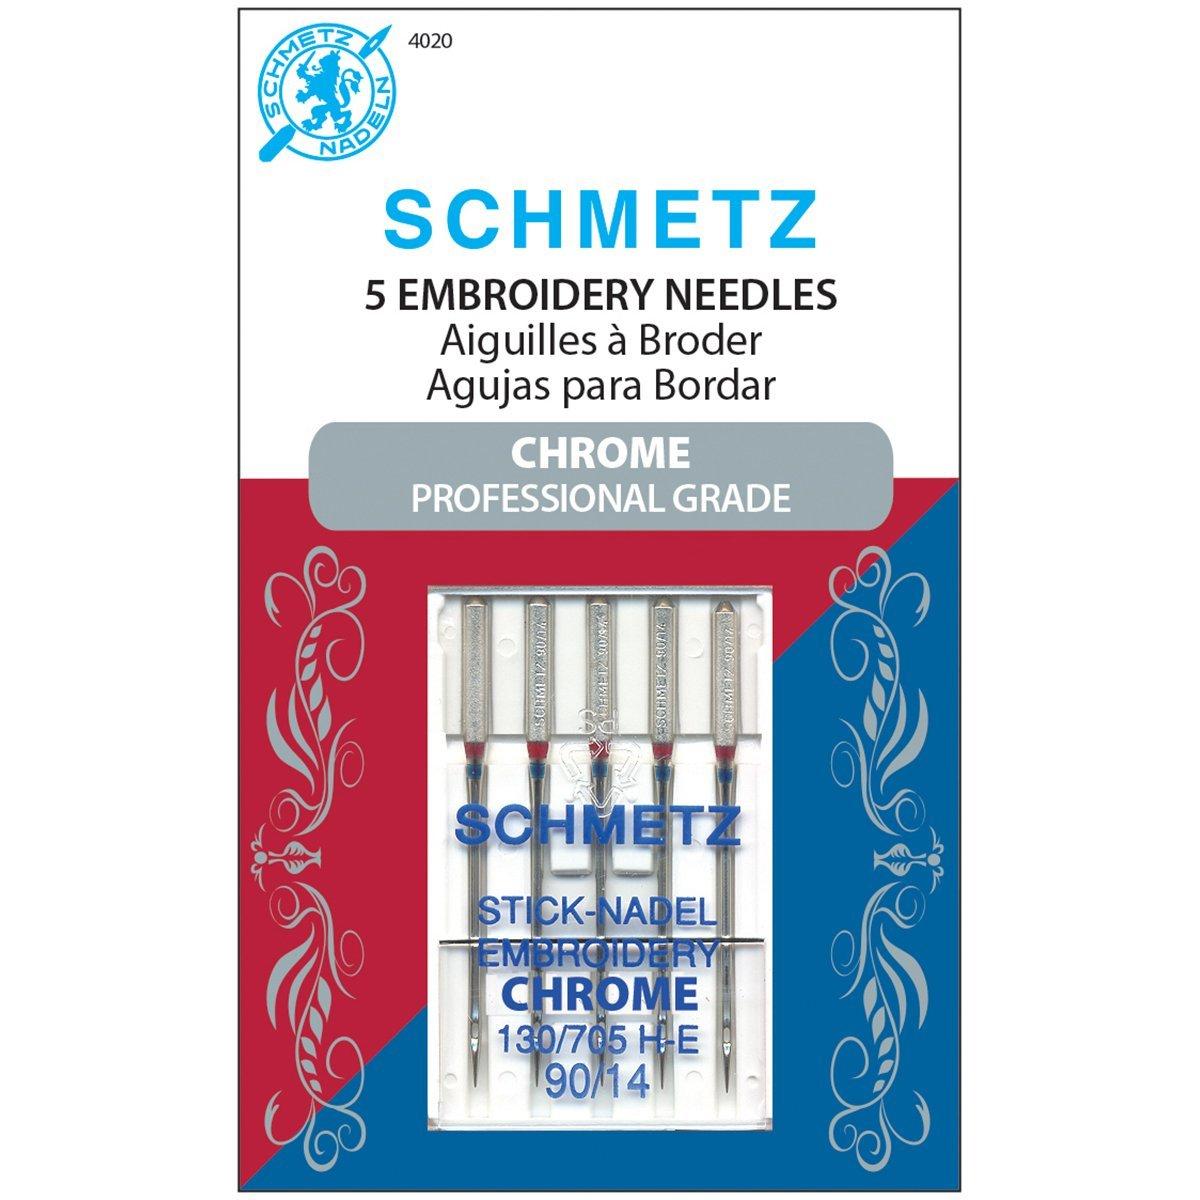 Schmetz Chrome Embroidery 90/14